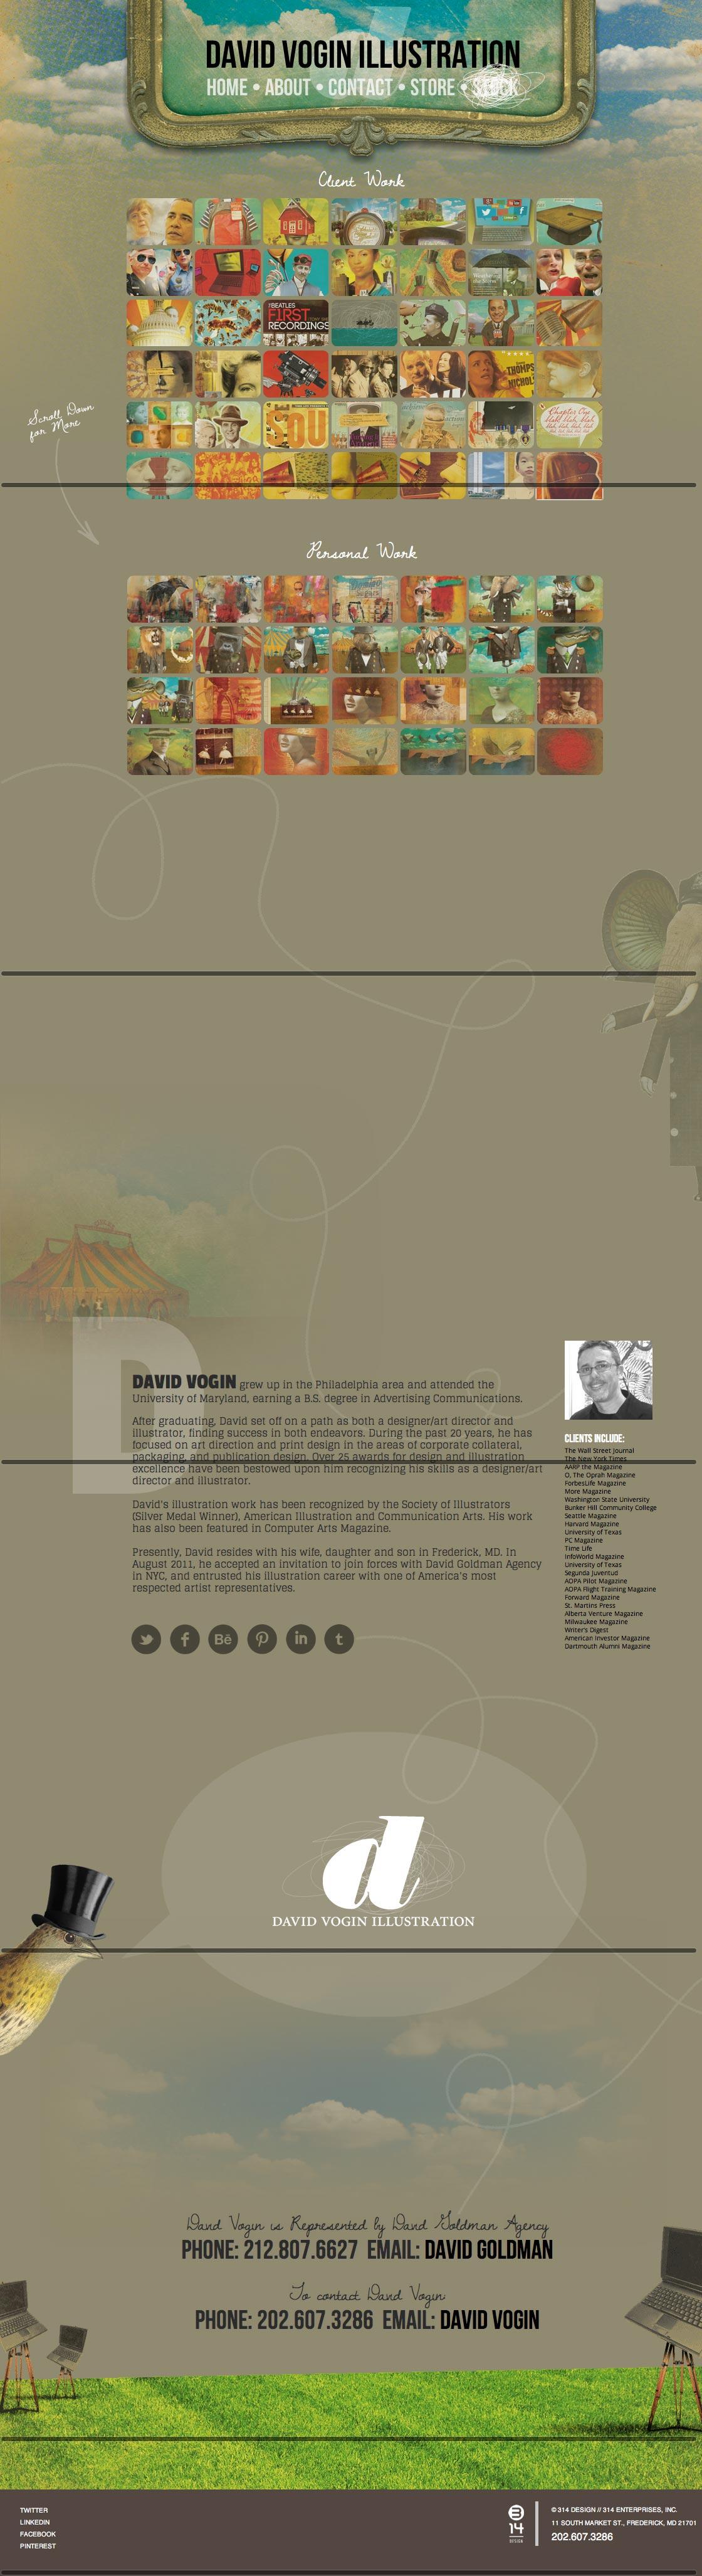 David Vogin Illustration Website Screenshot